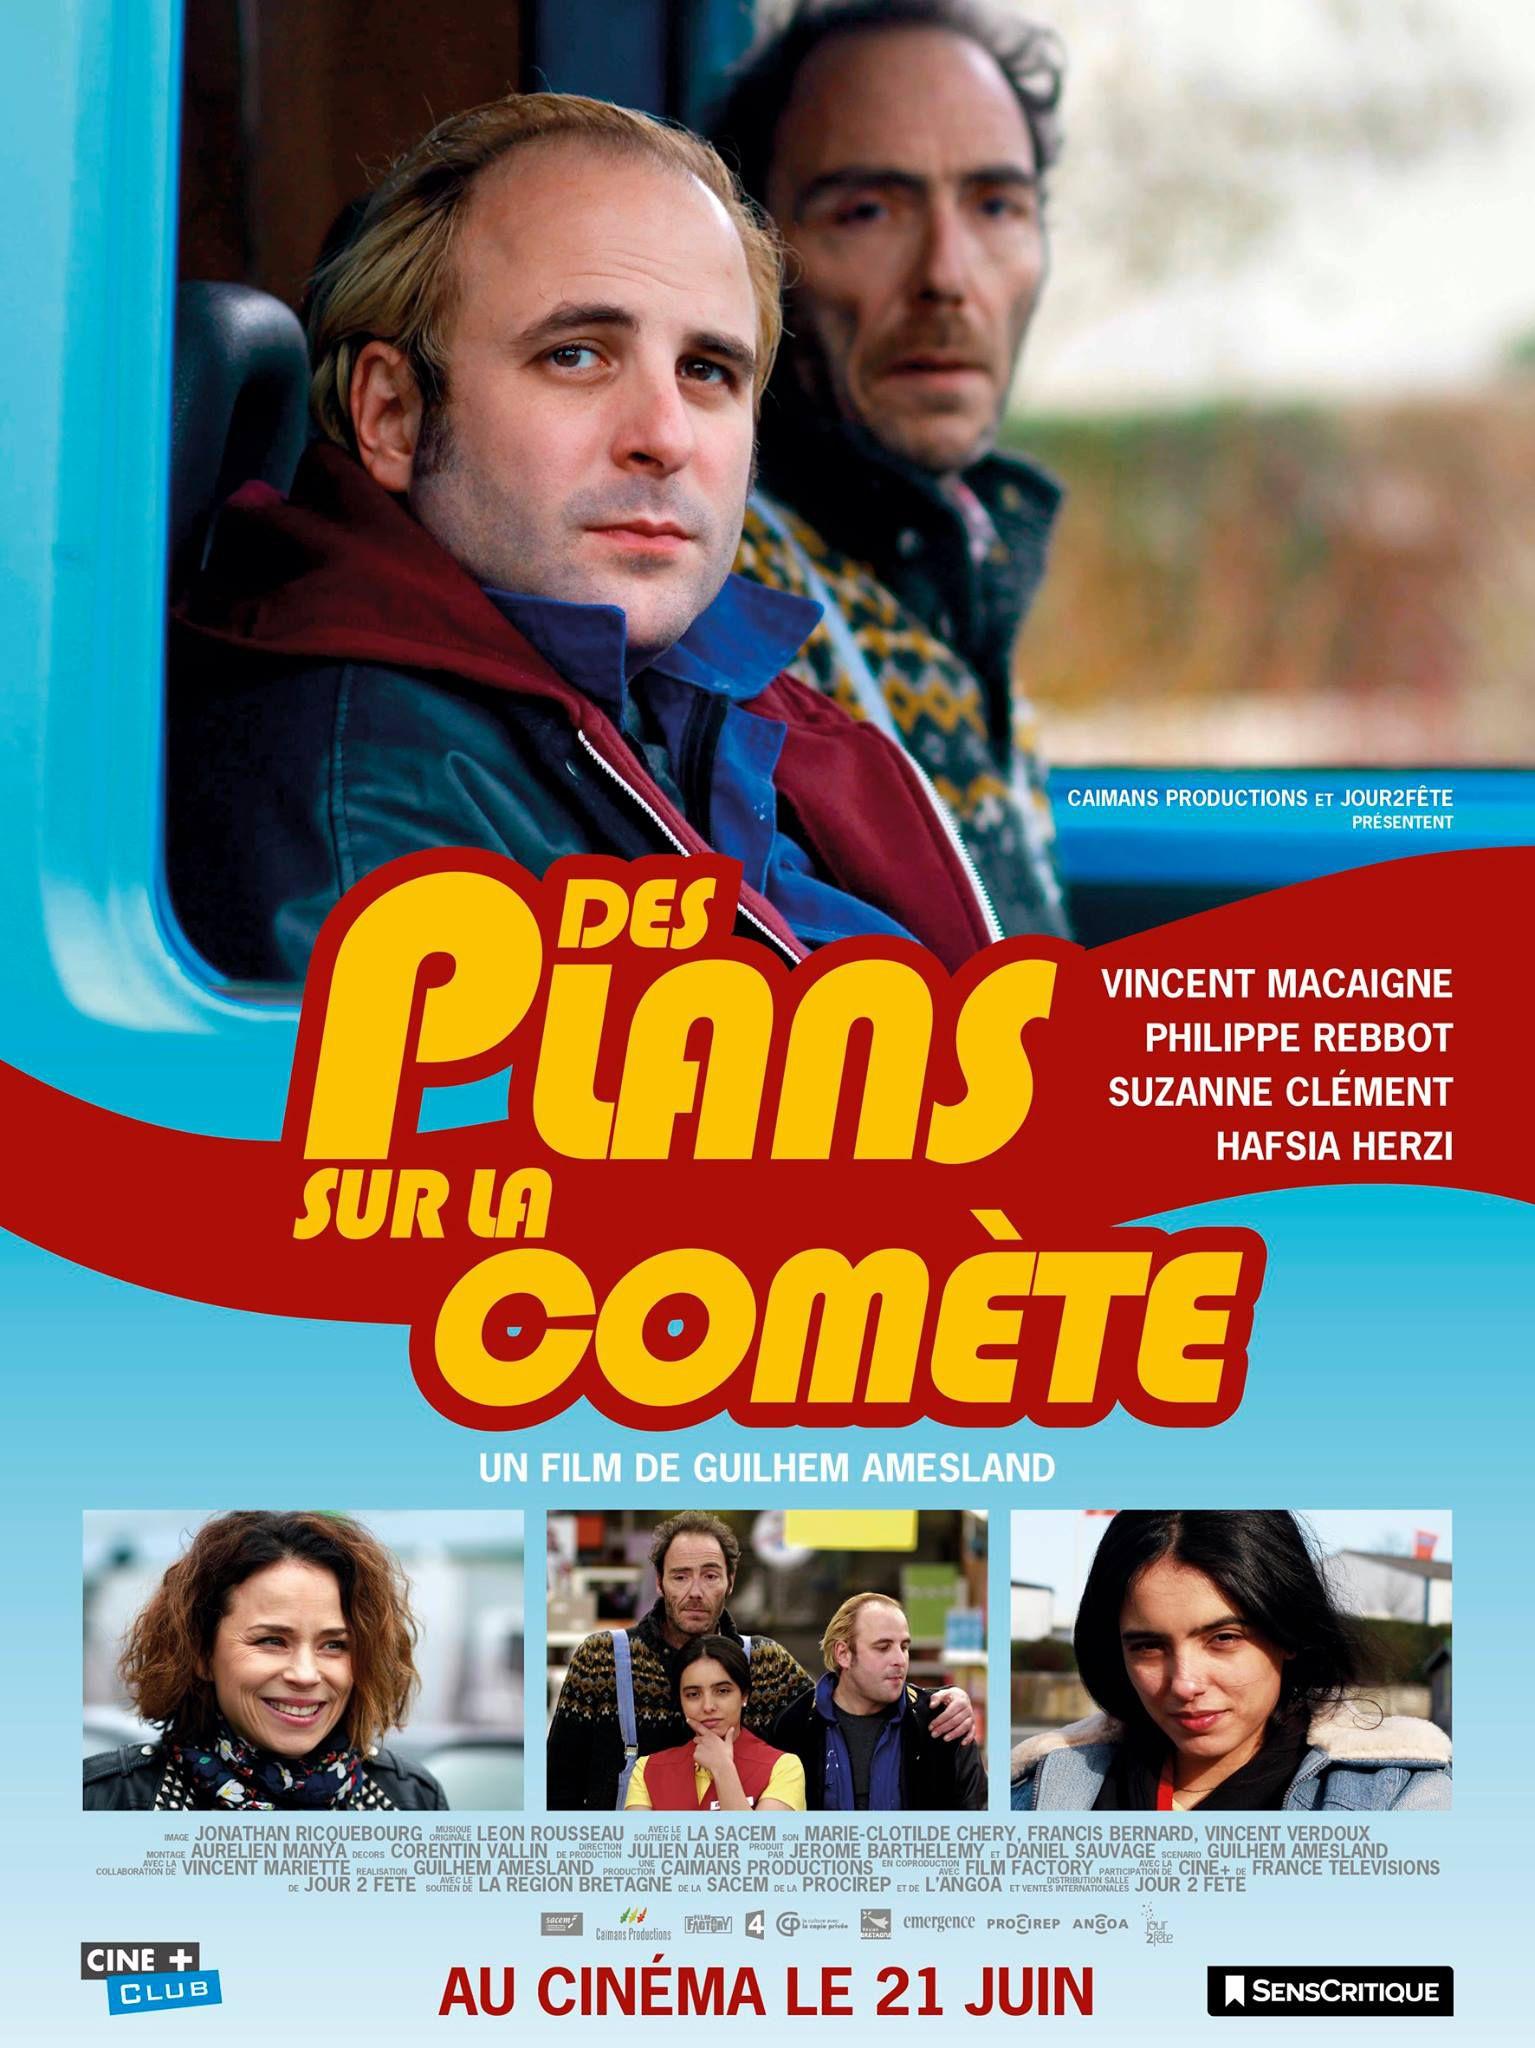 Des plans sur la comète - Film (2017)